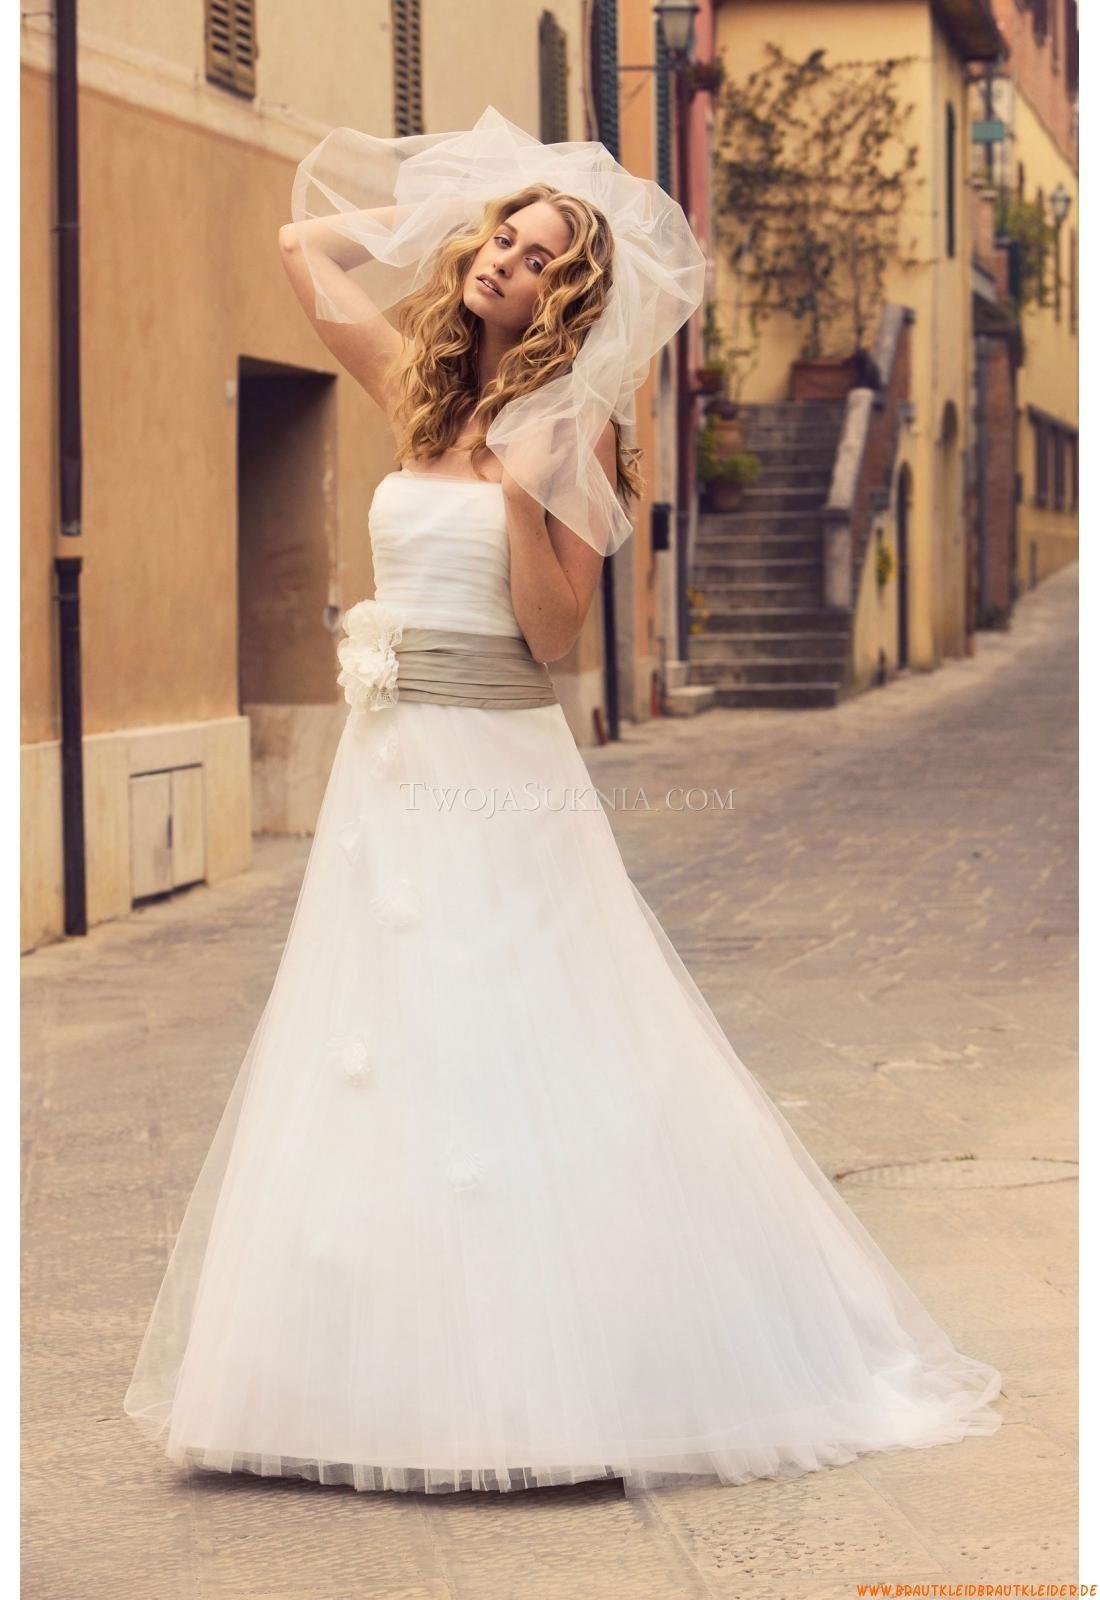 Ärmallos Brautkleider 2014  Kleid hochzeit, Brautmode, Braut Klein